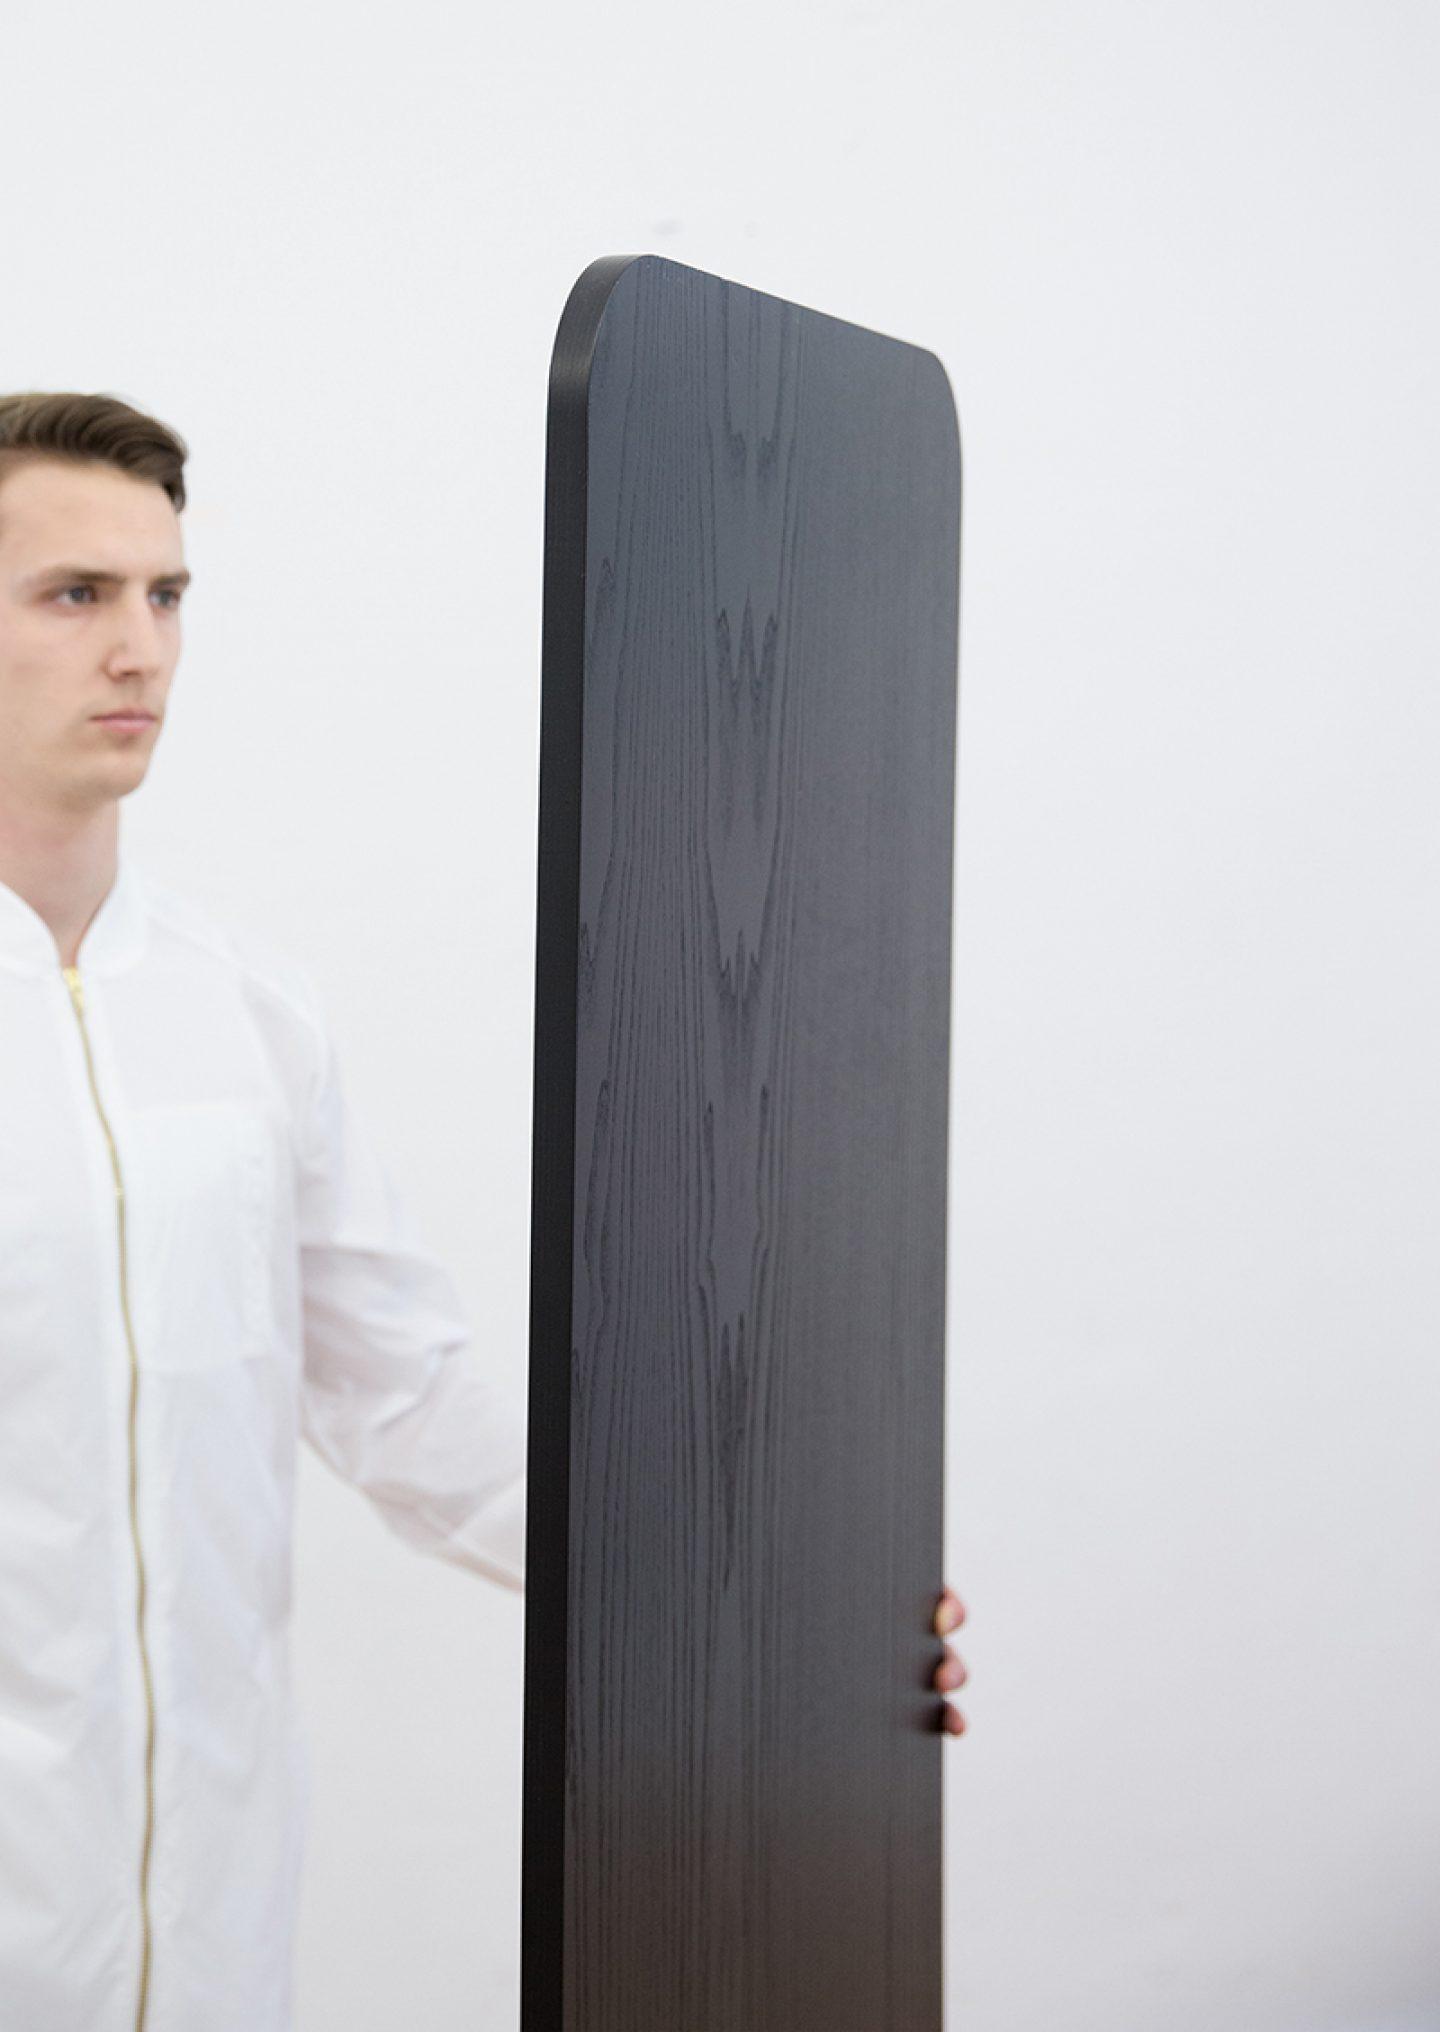 objekte-unserer-tage-09-andi-17-schneider-mirror